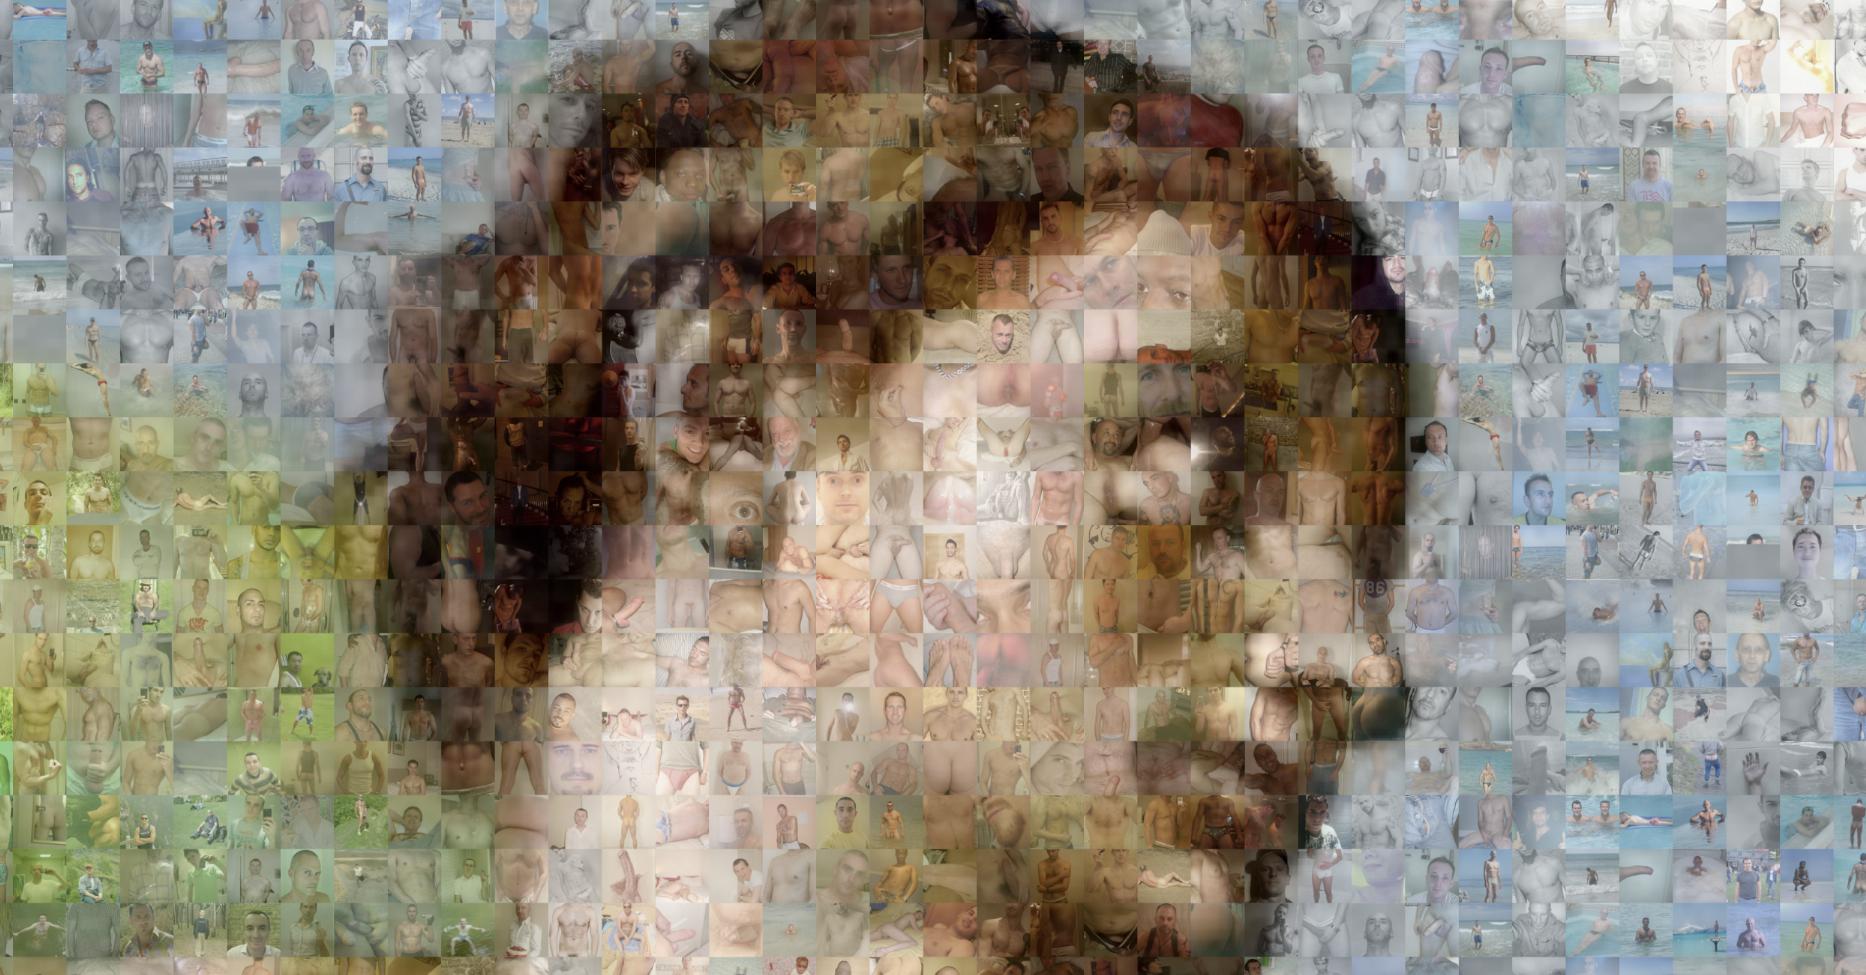 Steve_Rosenthal_Michelangelo_(detail).jpg